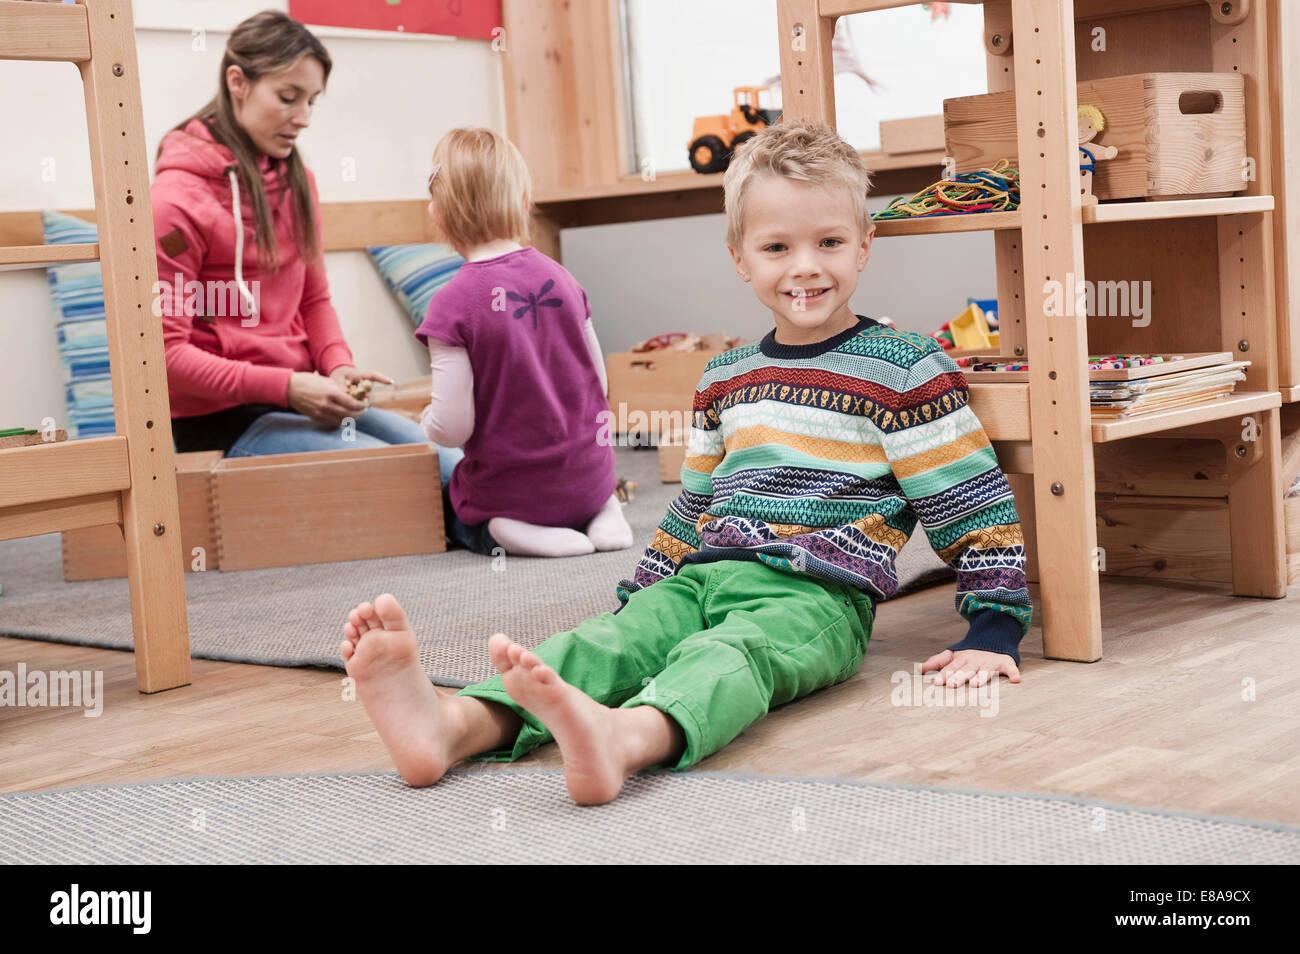 Kleiner Junge sitzt auf dem Boden in seinem kindergarten Stockbild